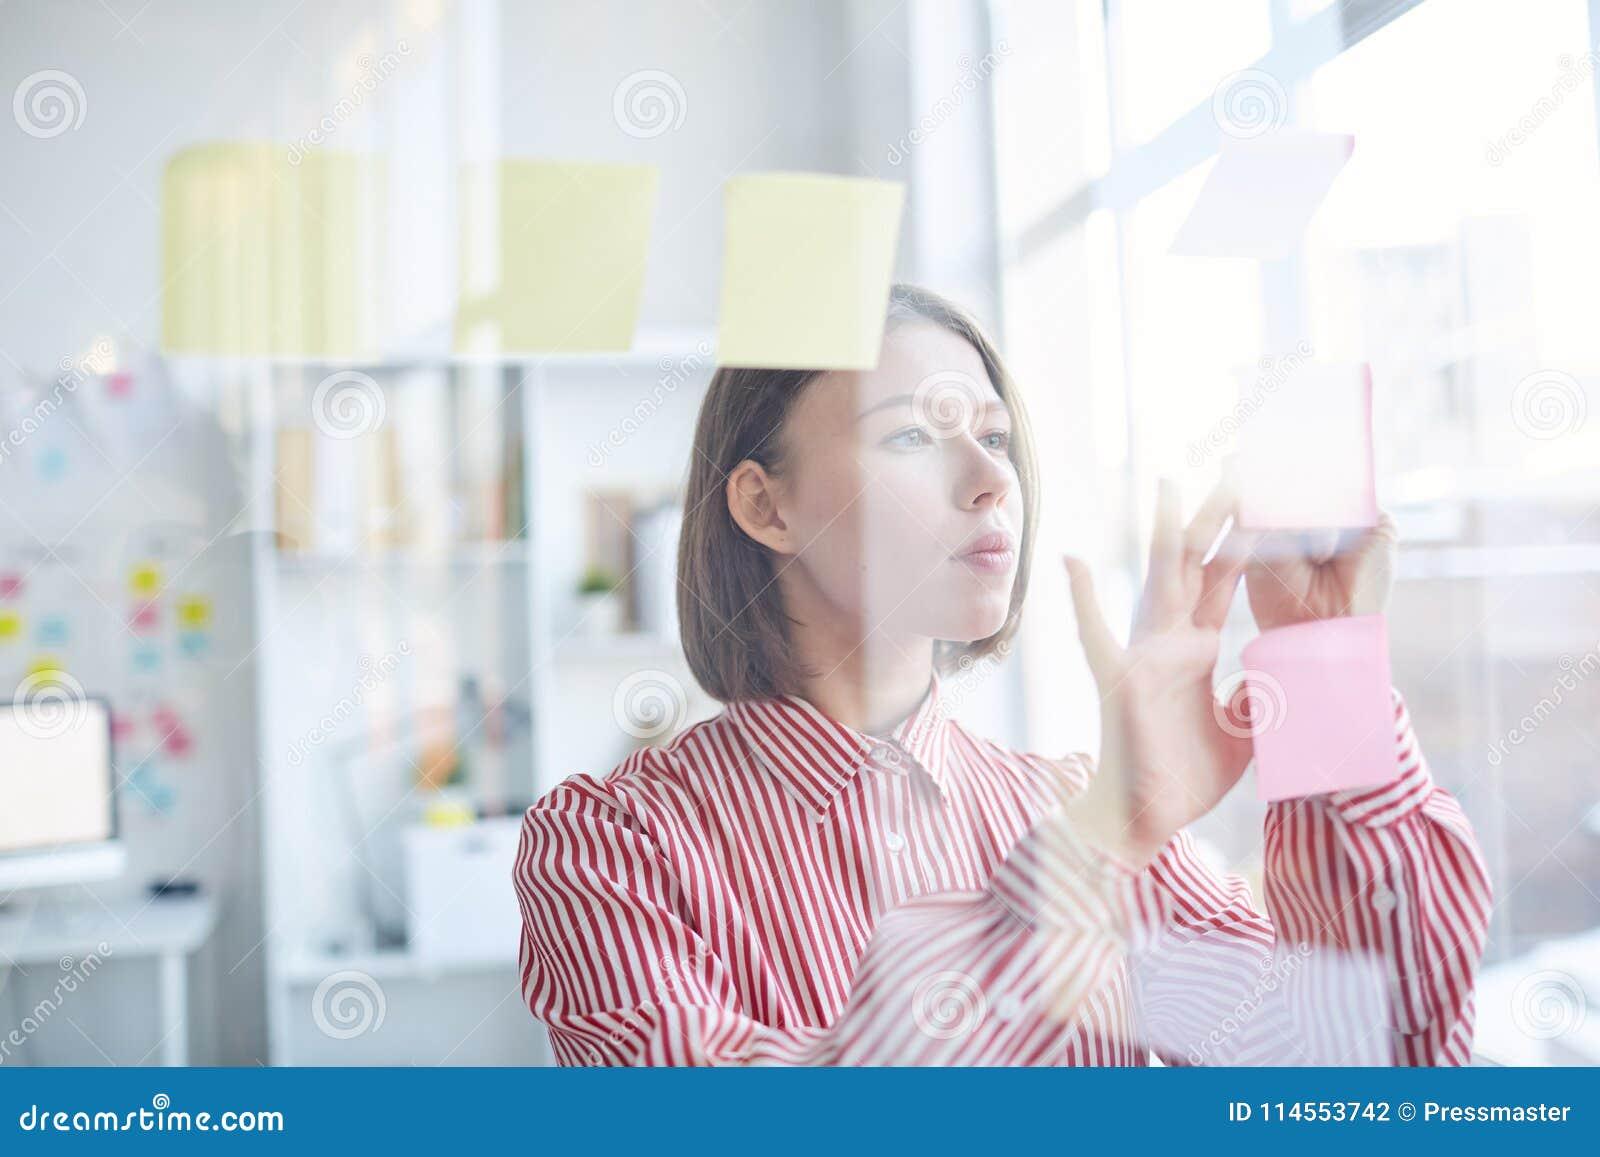 Работник офиса читая липкие примечания